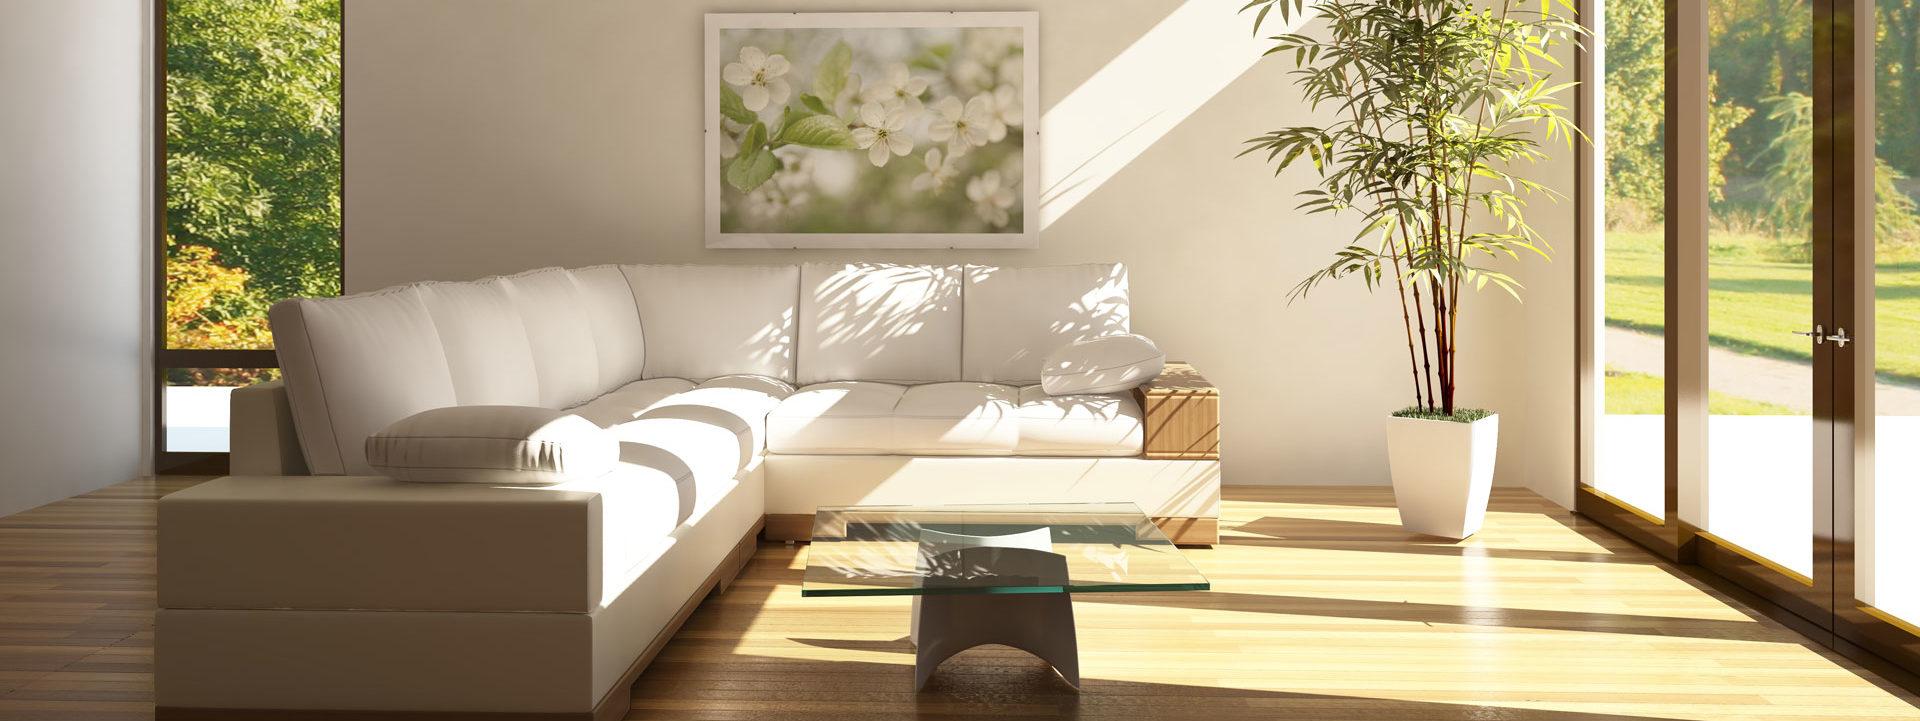 Sprzedaż i wynajem mieszkań | Biuro Nieruchomości